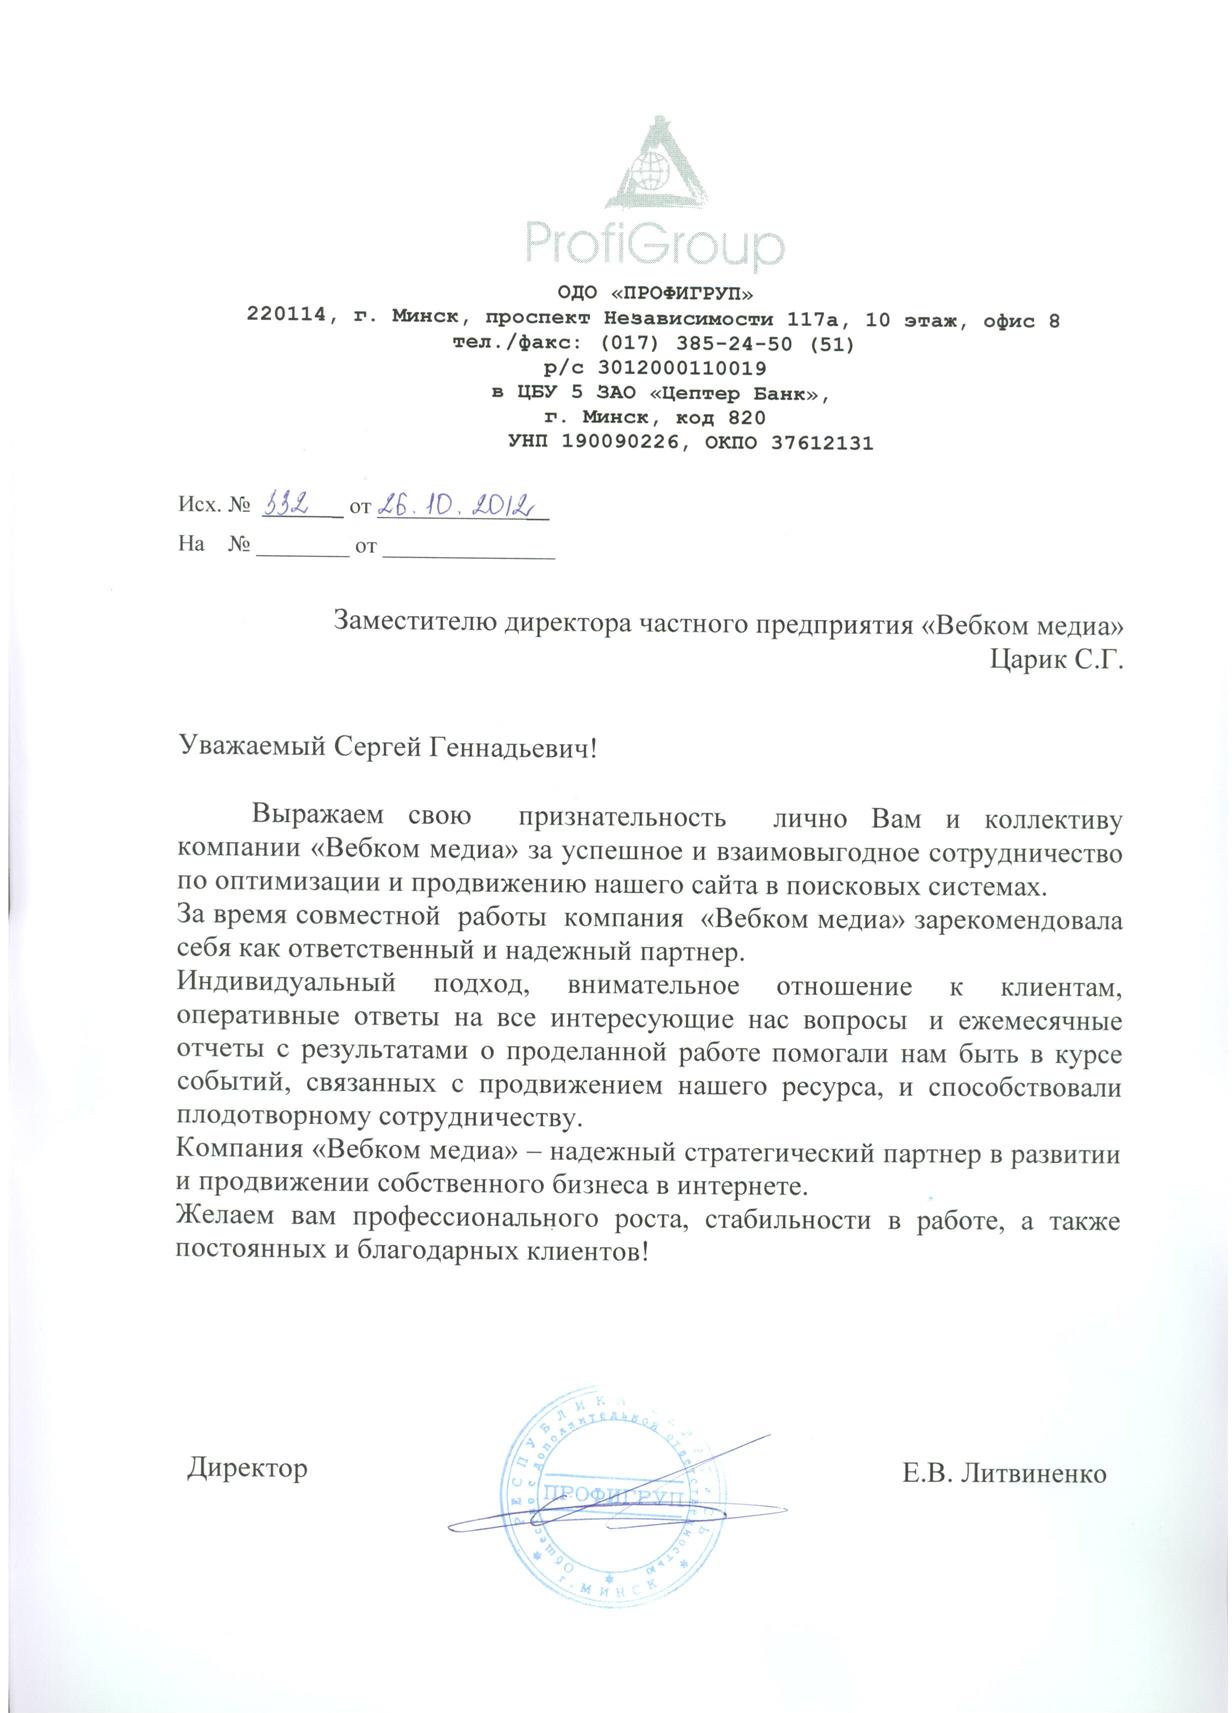 Директор ОДО 'ПРОФИГРУП'